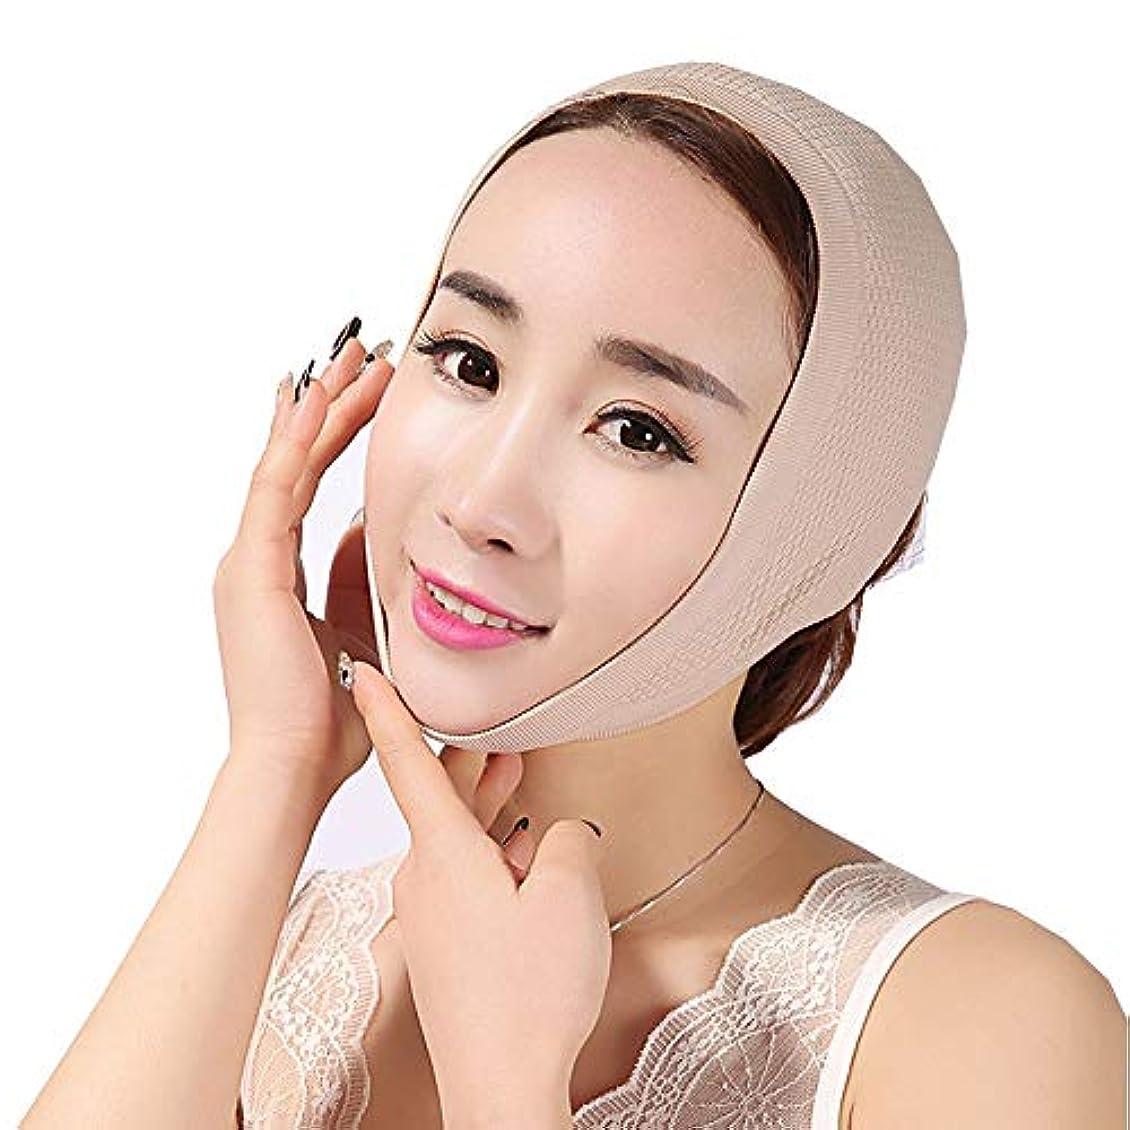 パックパウダーかみそりJia Jia- フェイスマスクで眠る薄い顔フェイスリフトフェイスリフトアーティファクトスモールフェイスVフェイスリフト付きフェイスフェイス包帯引き上げジョーセット 顔面包帯